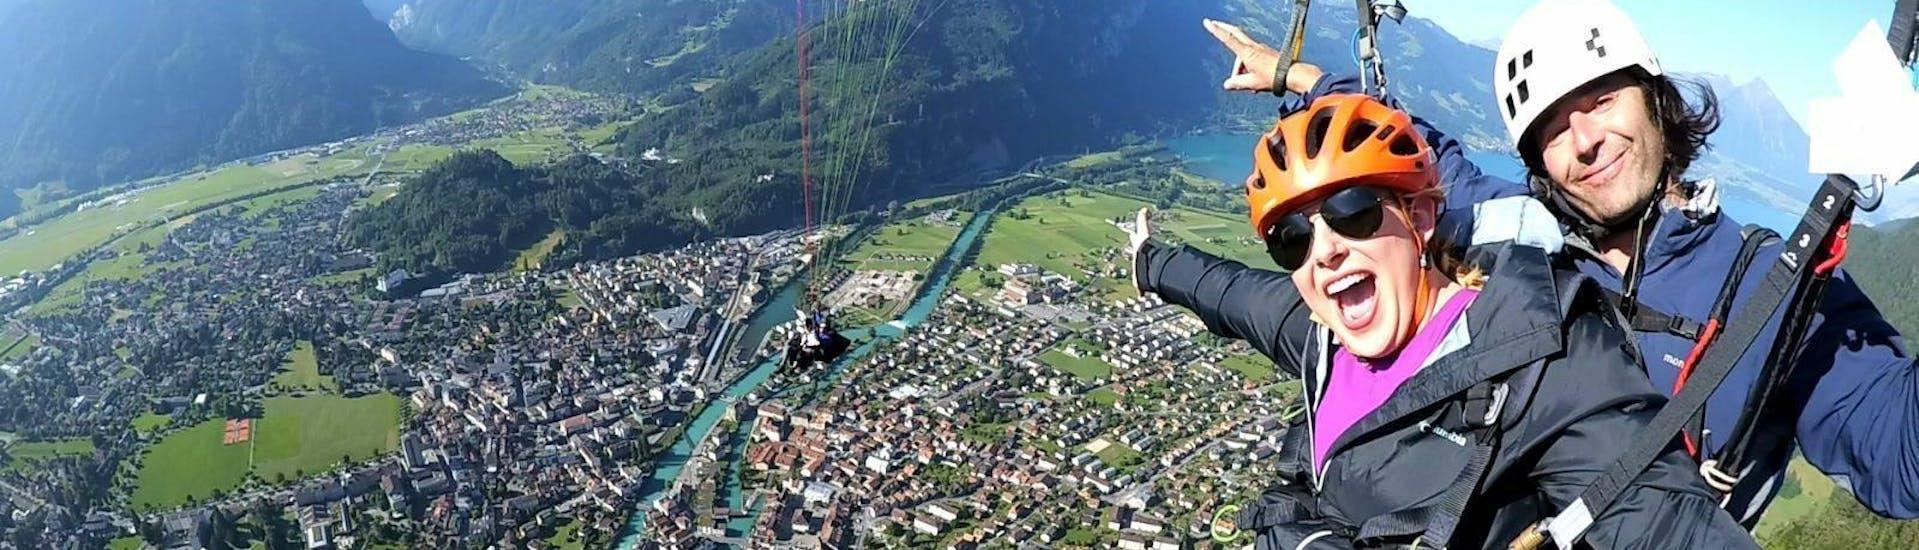 Bei einem Gleitschirmflug in Interlaken mit Twin Paragliding machen ein zertifizierter Tandempilot und sein Passagier ein Foto, während sie über die schöne Stadt Interlaken gleiten.